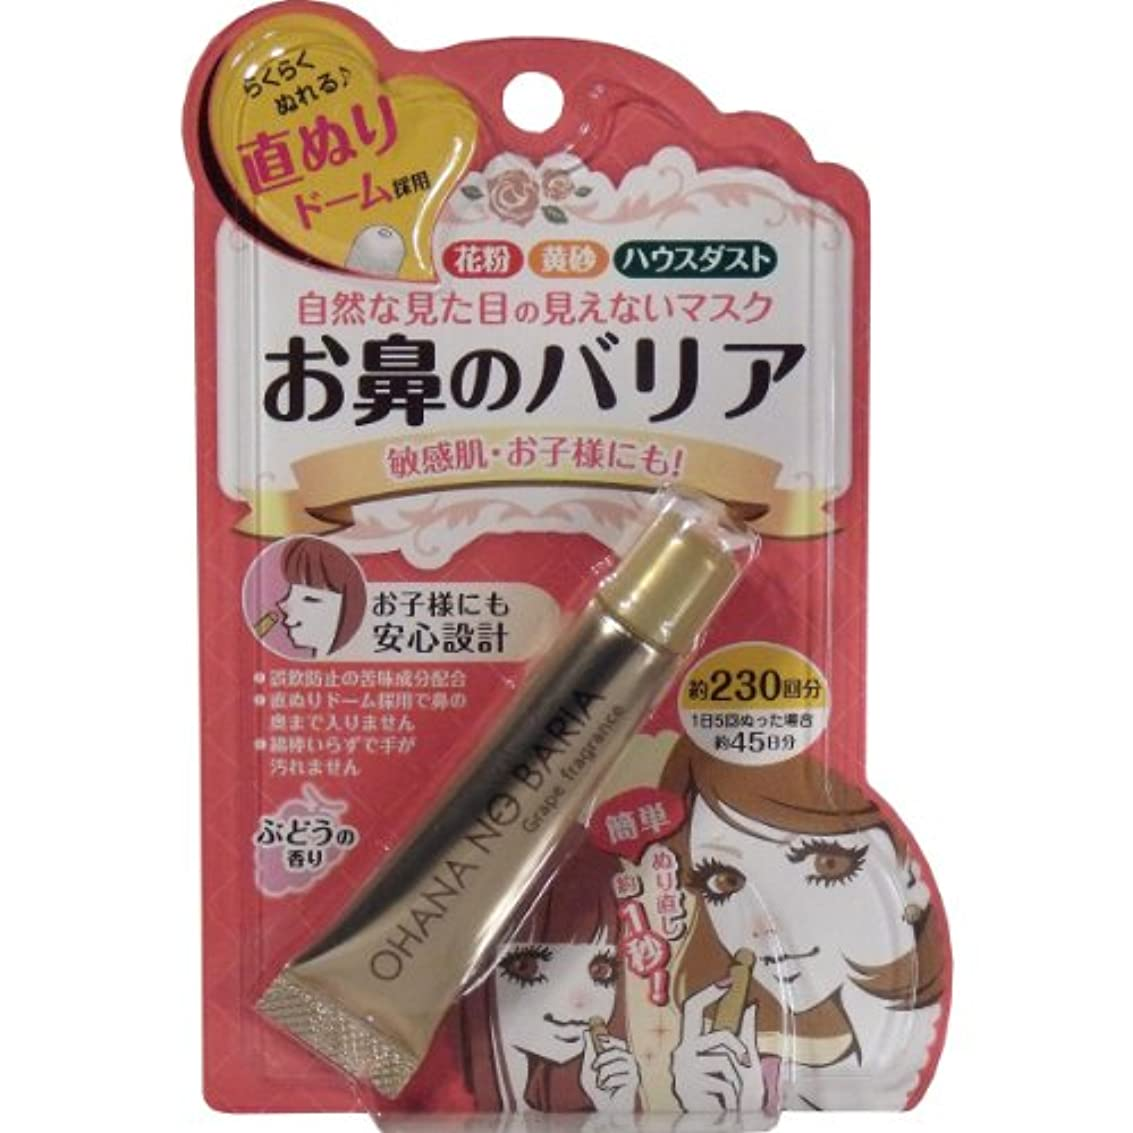 お鼻のバリア ぶどうの香り(約230回分)